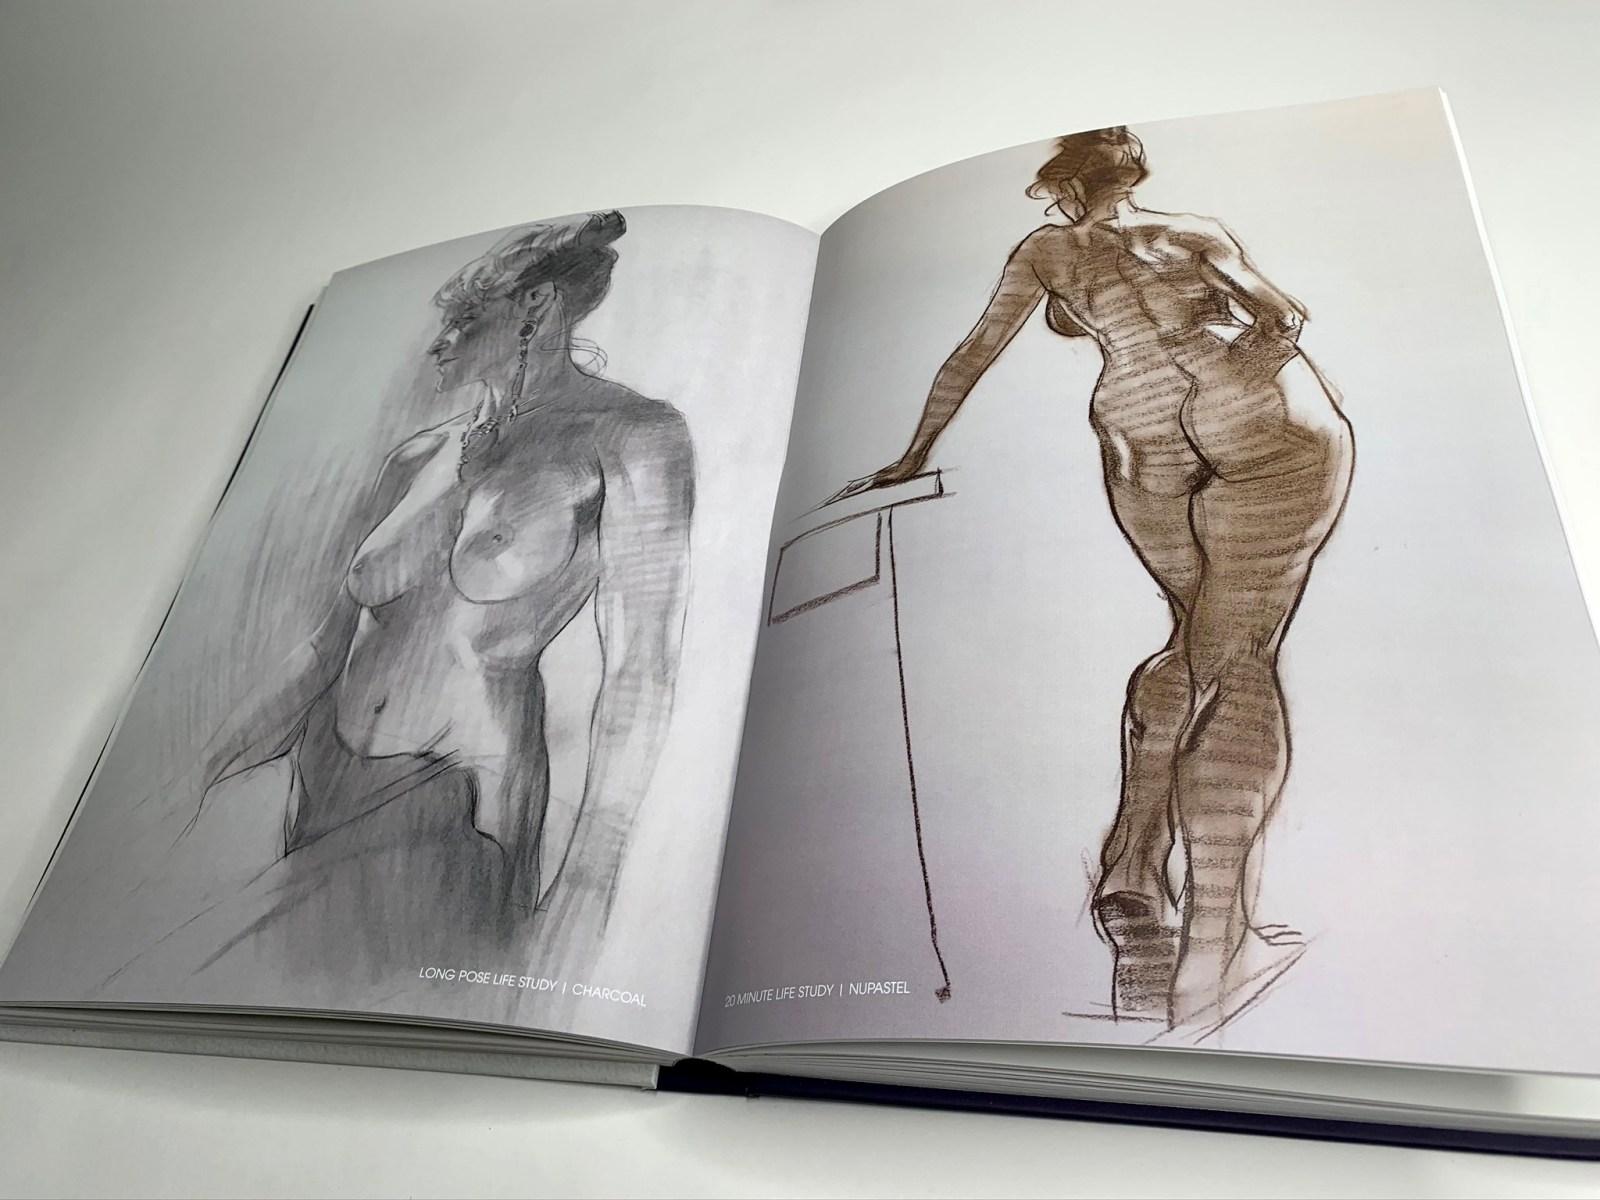 Extrait de l'artbook Muse, dessin d'une femme nue et debout.